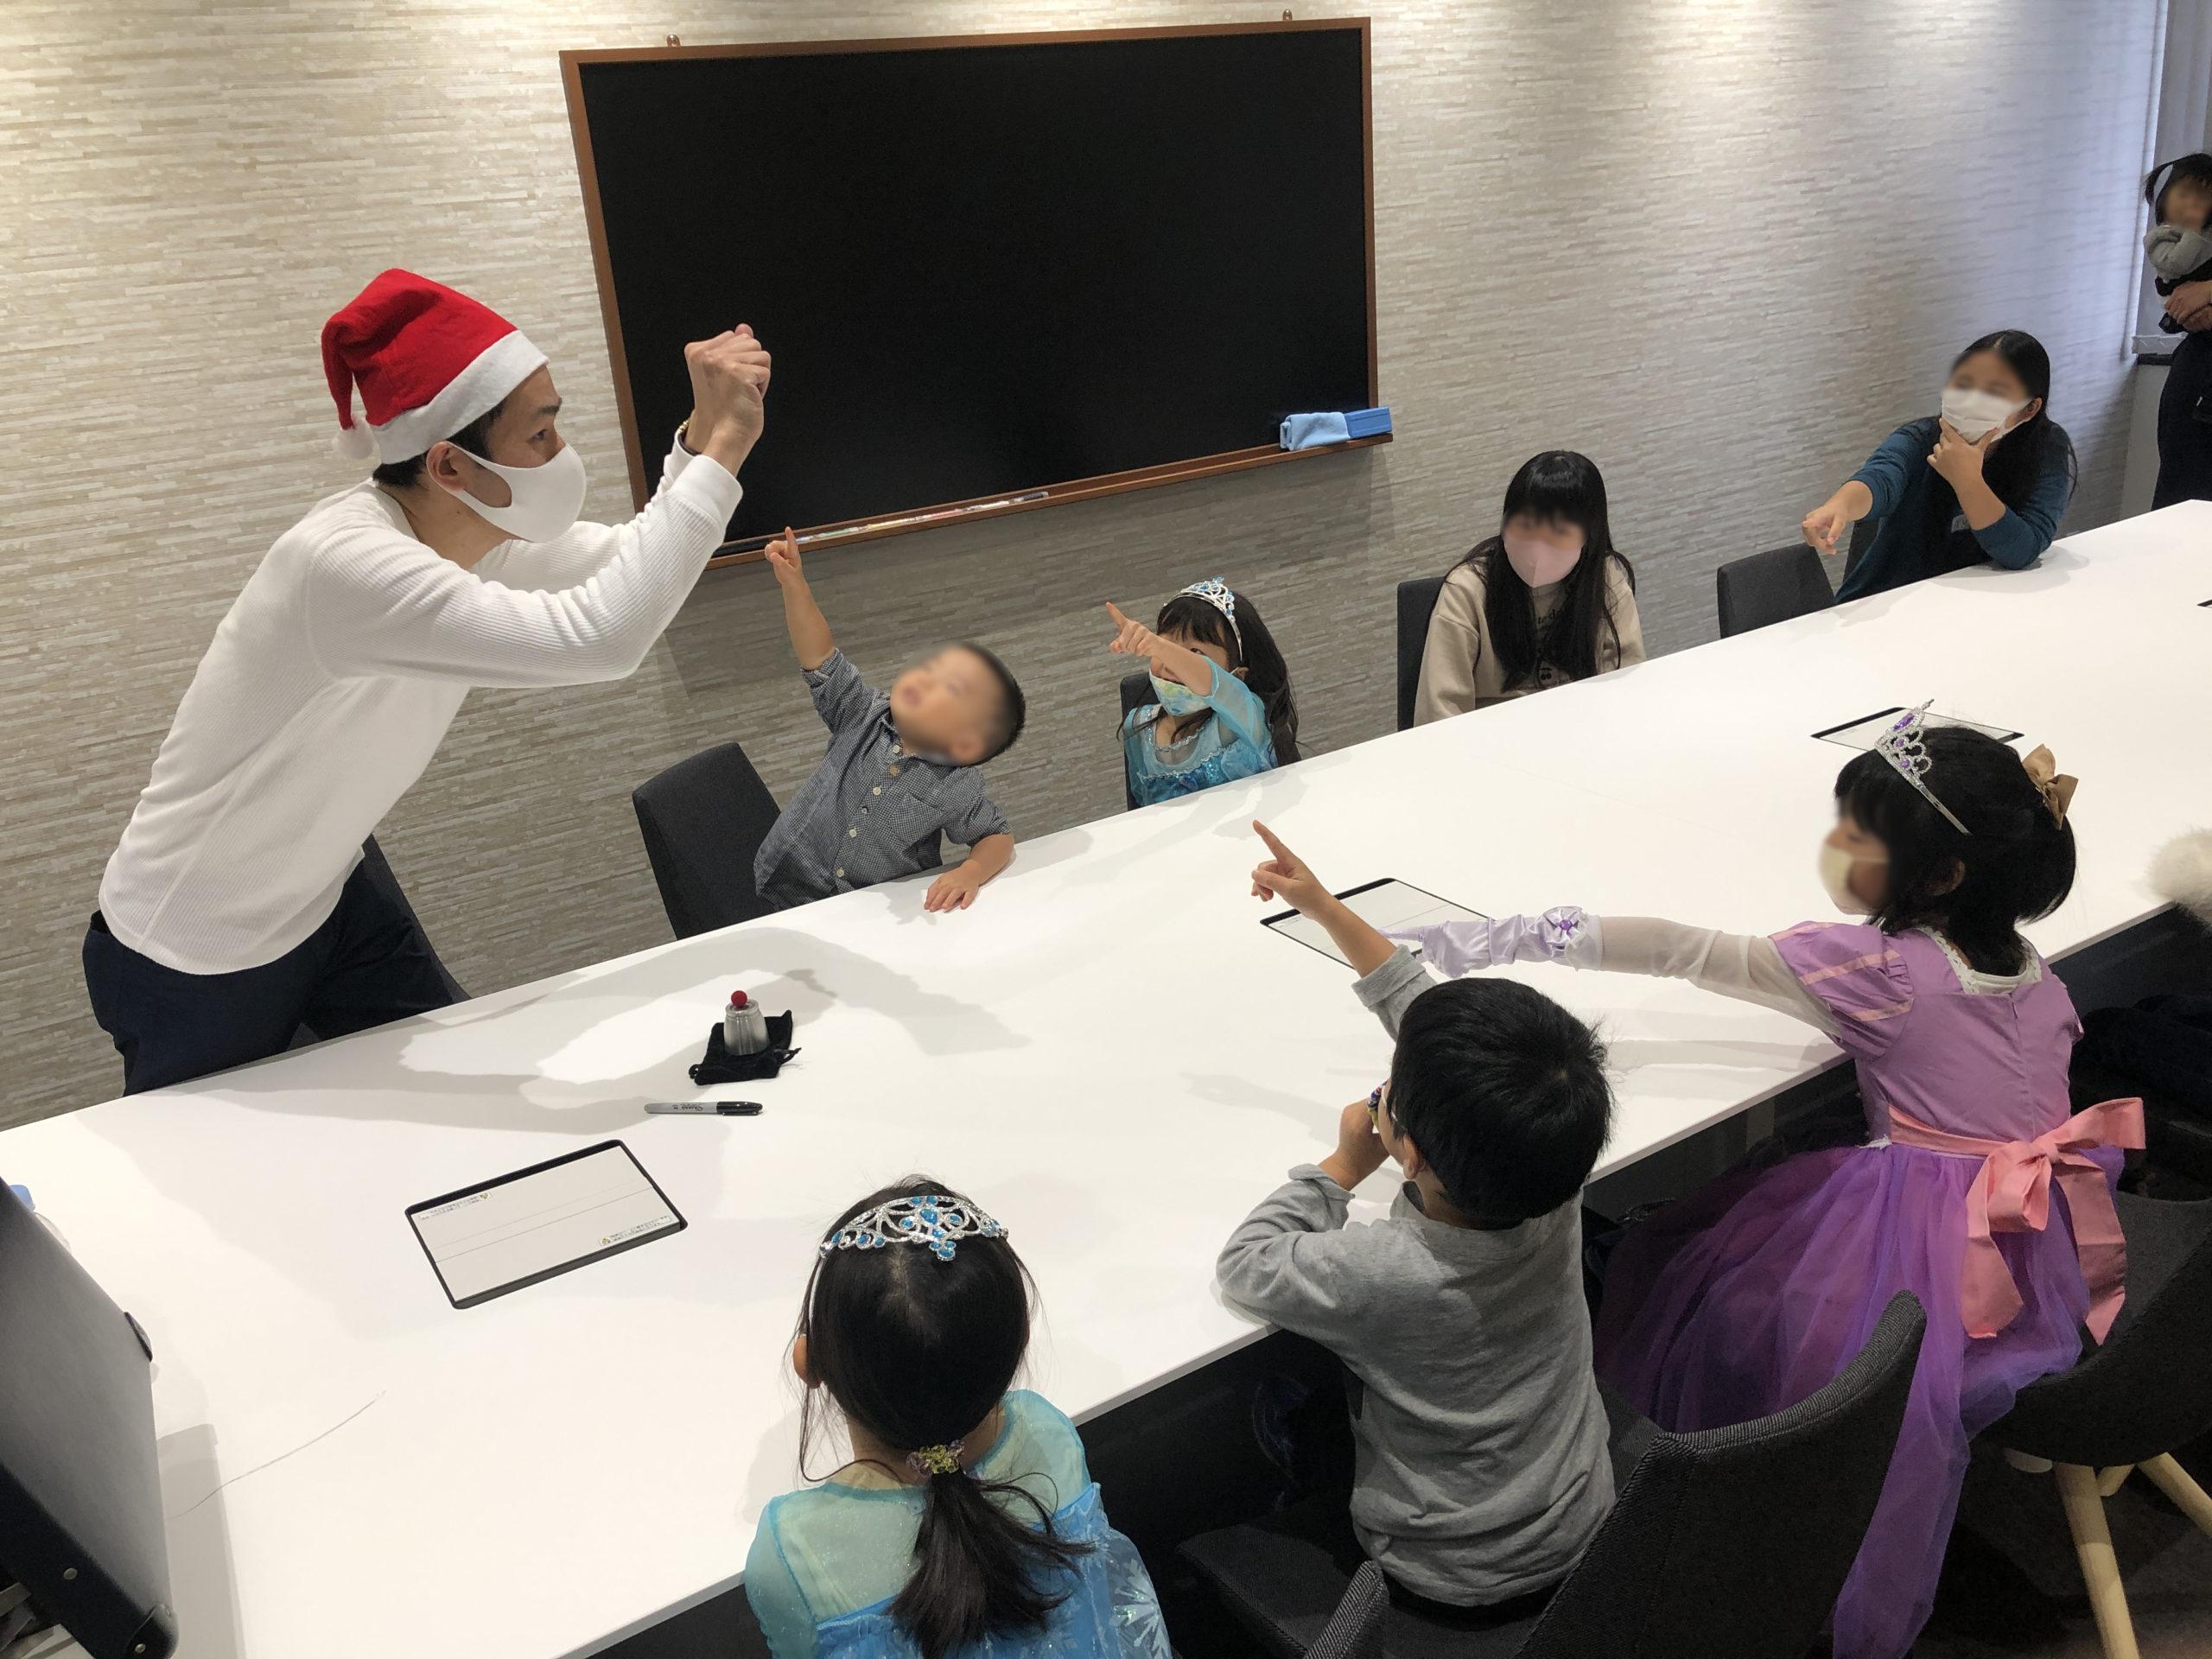 どっちの手に握っている? 子供向け 企業のファミリークリスマスパーティーでマジシャンのマジックショー 東京都千代田区